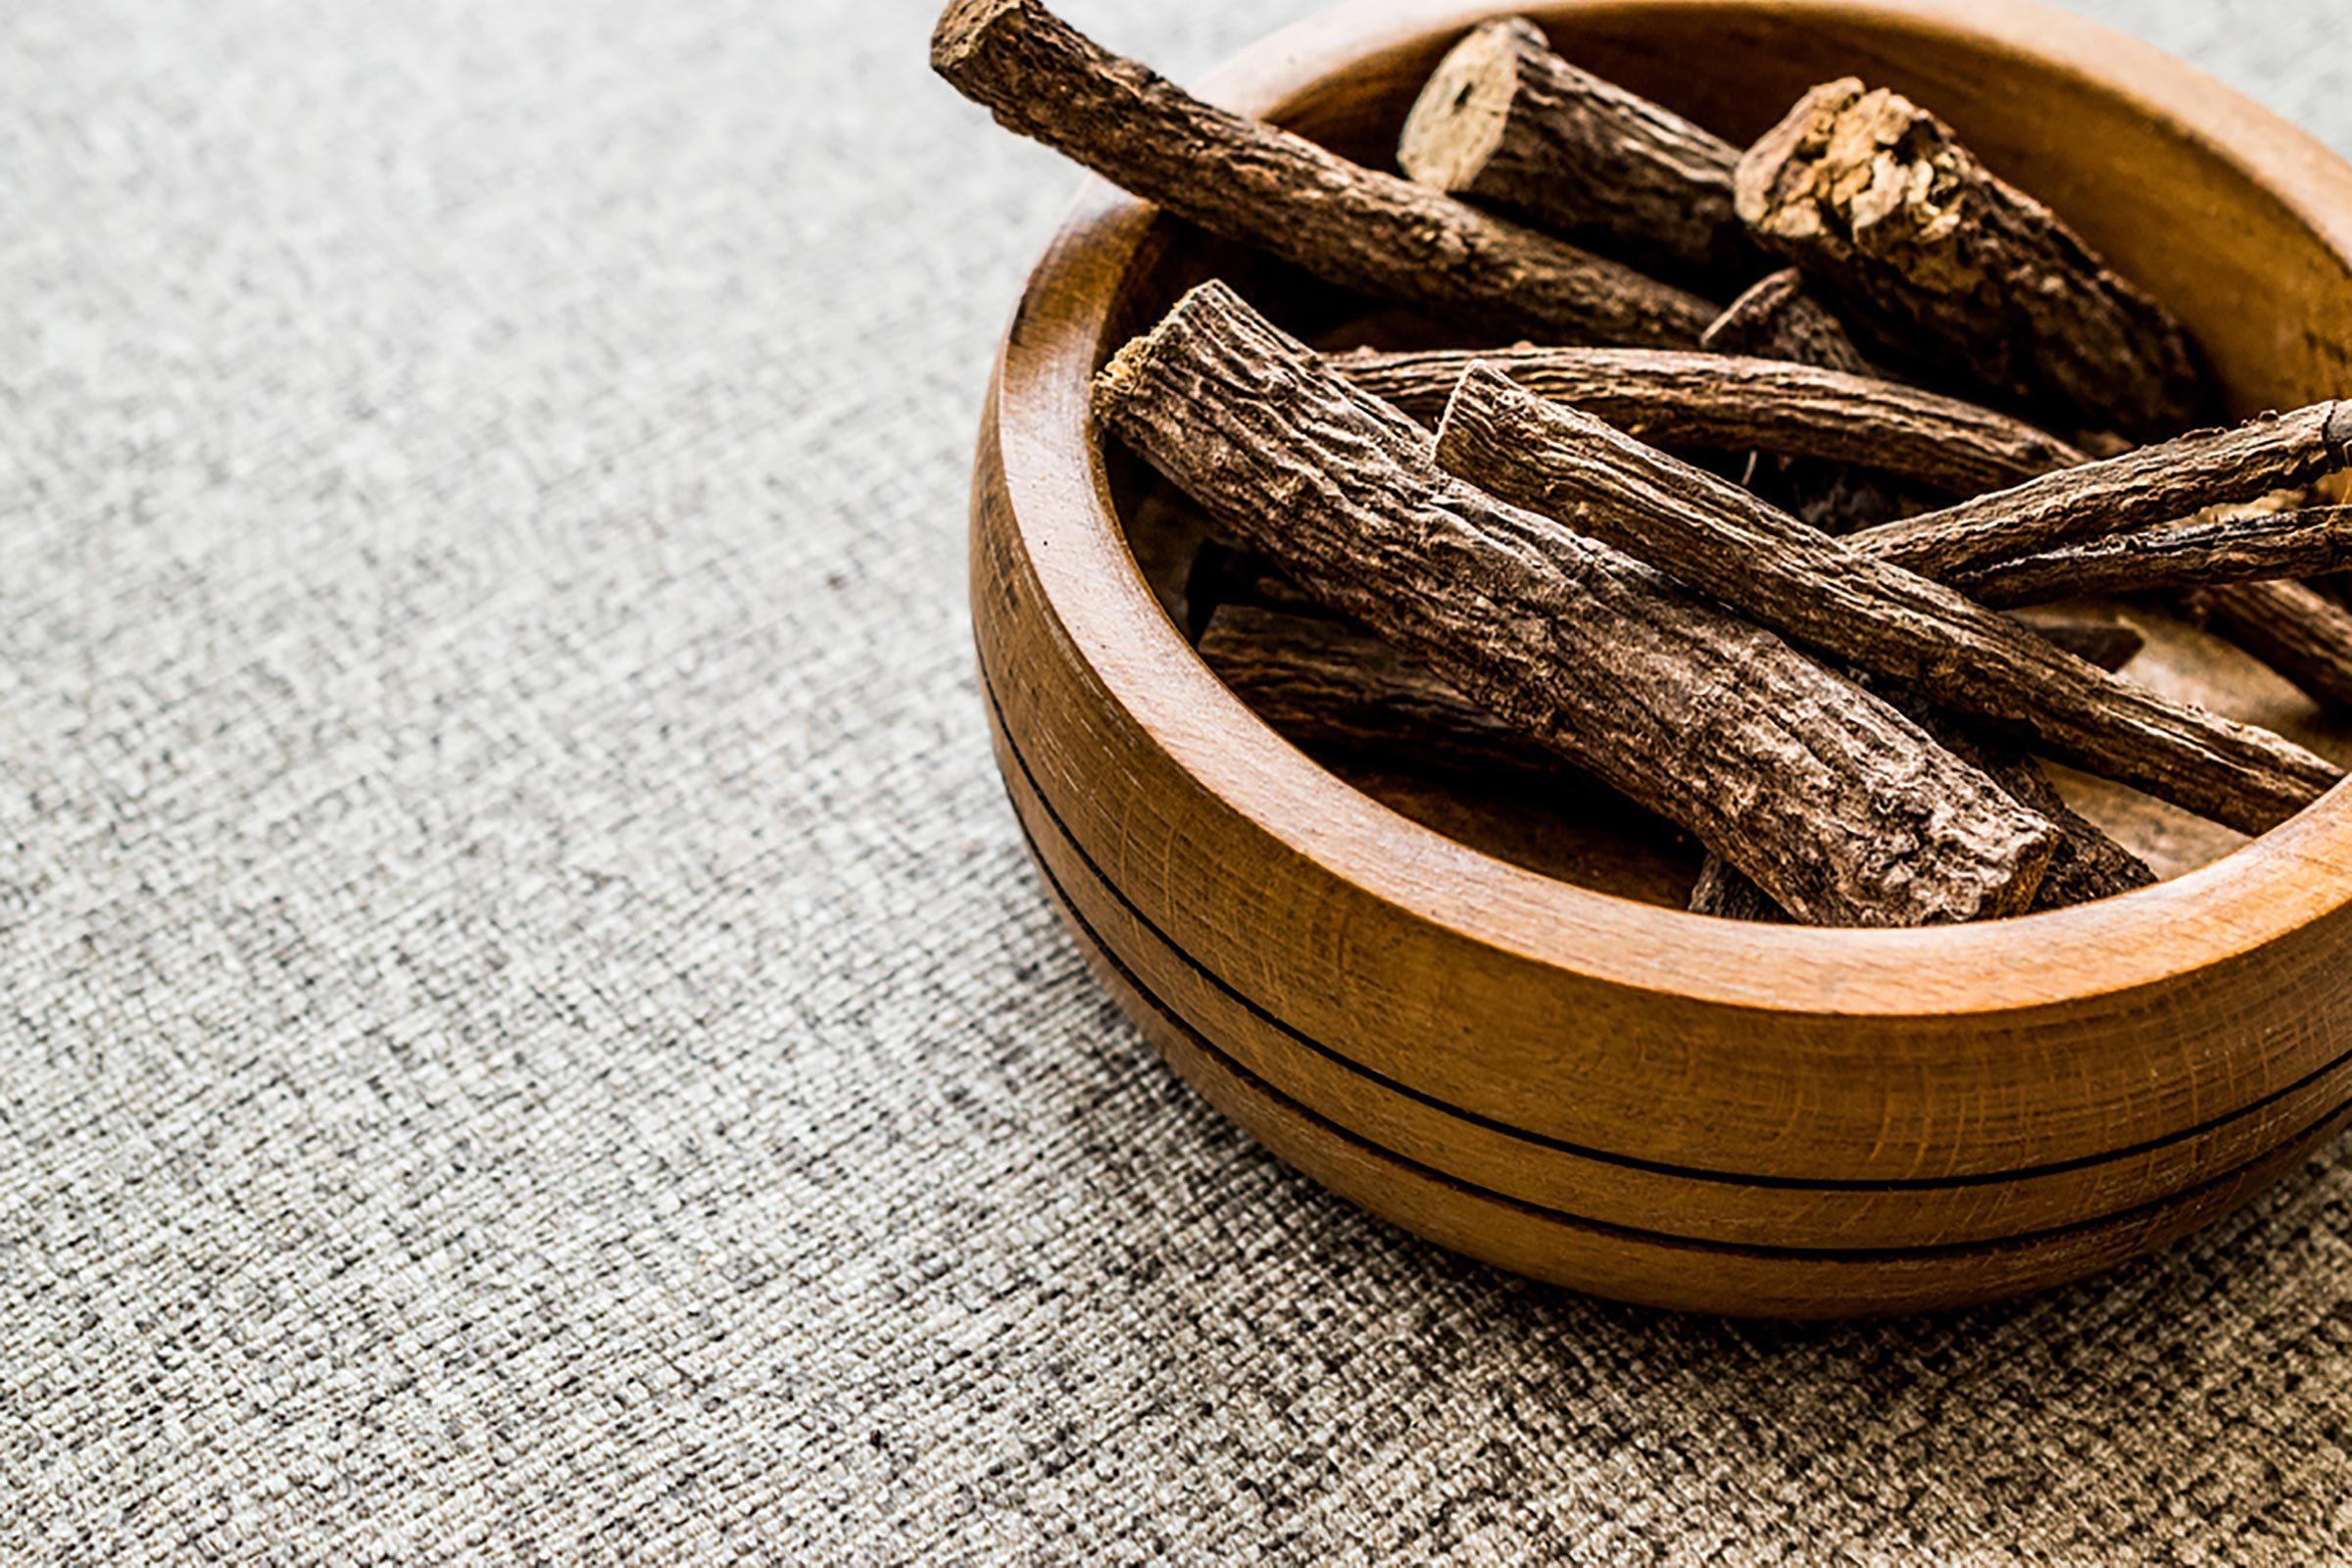 Health benefits of licorice